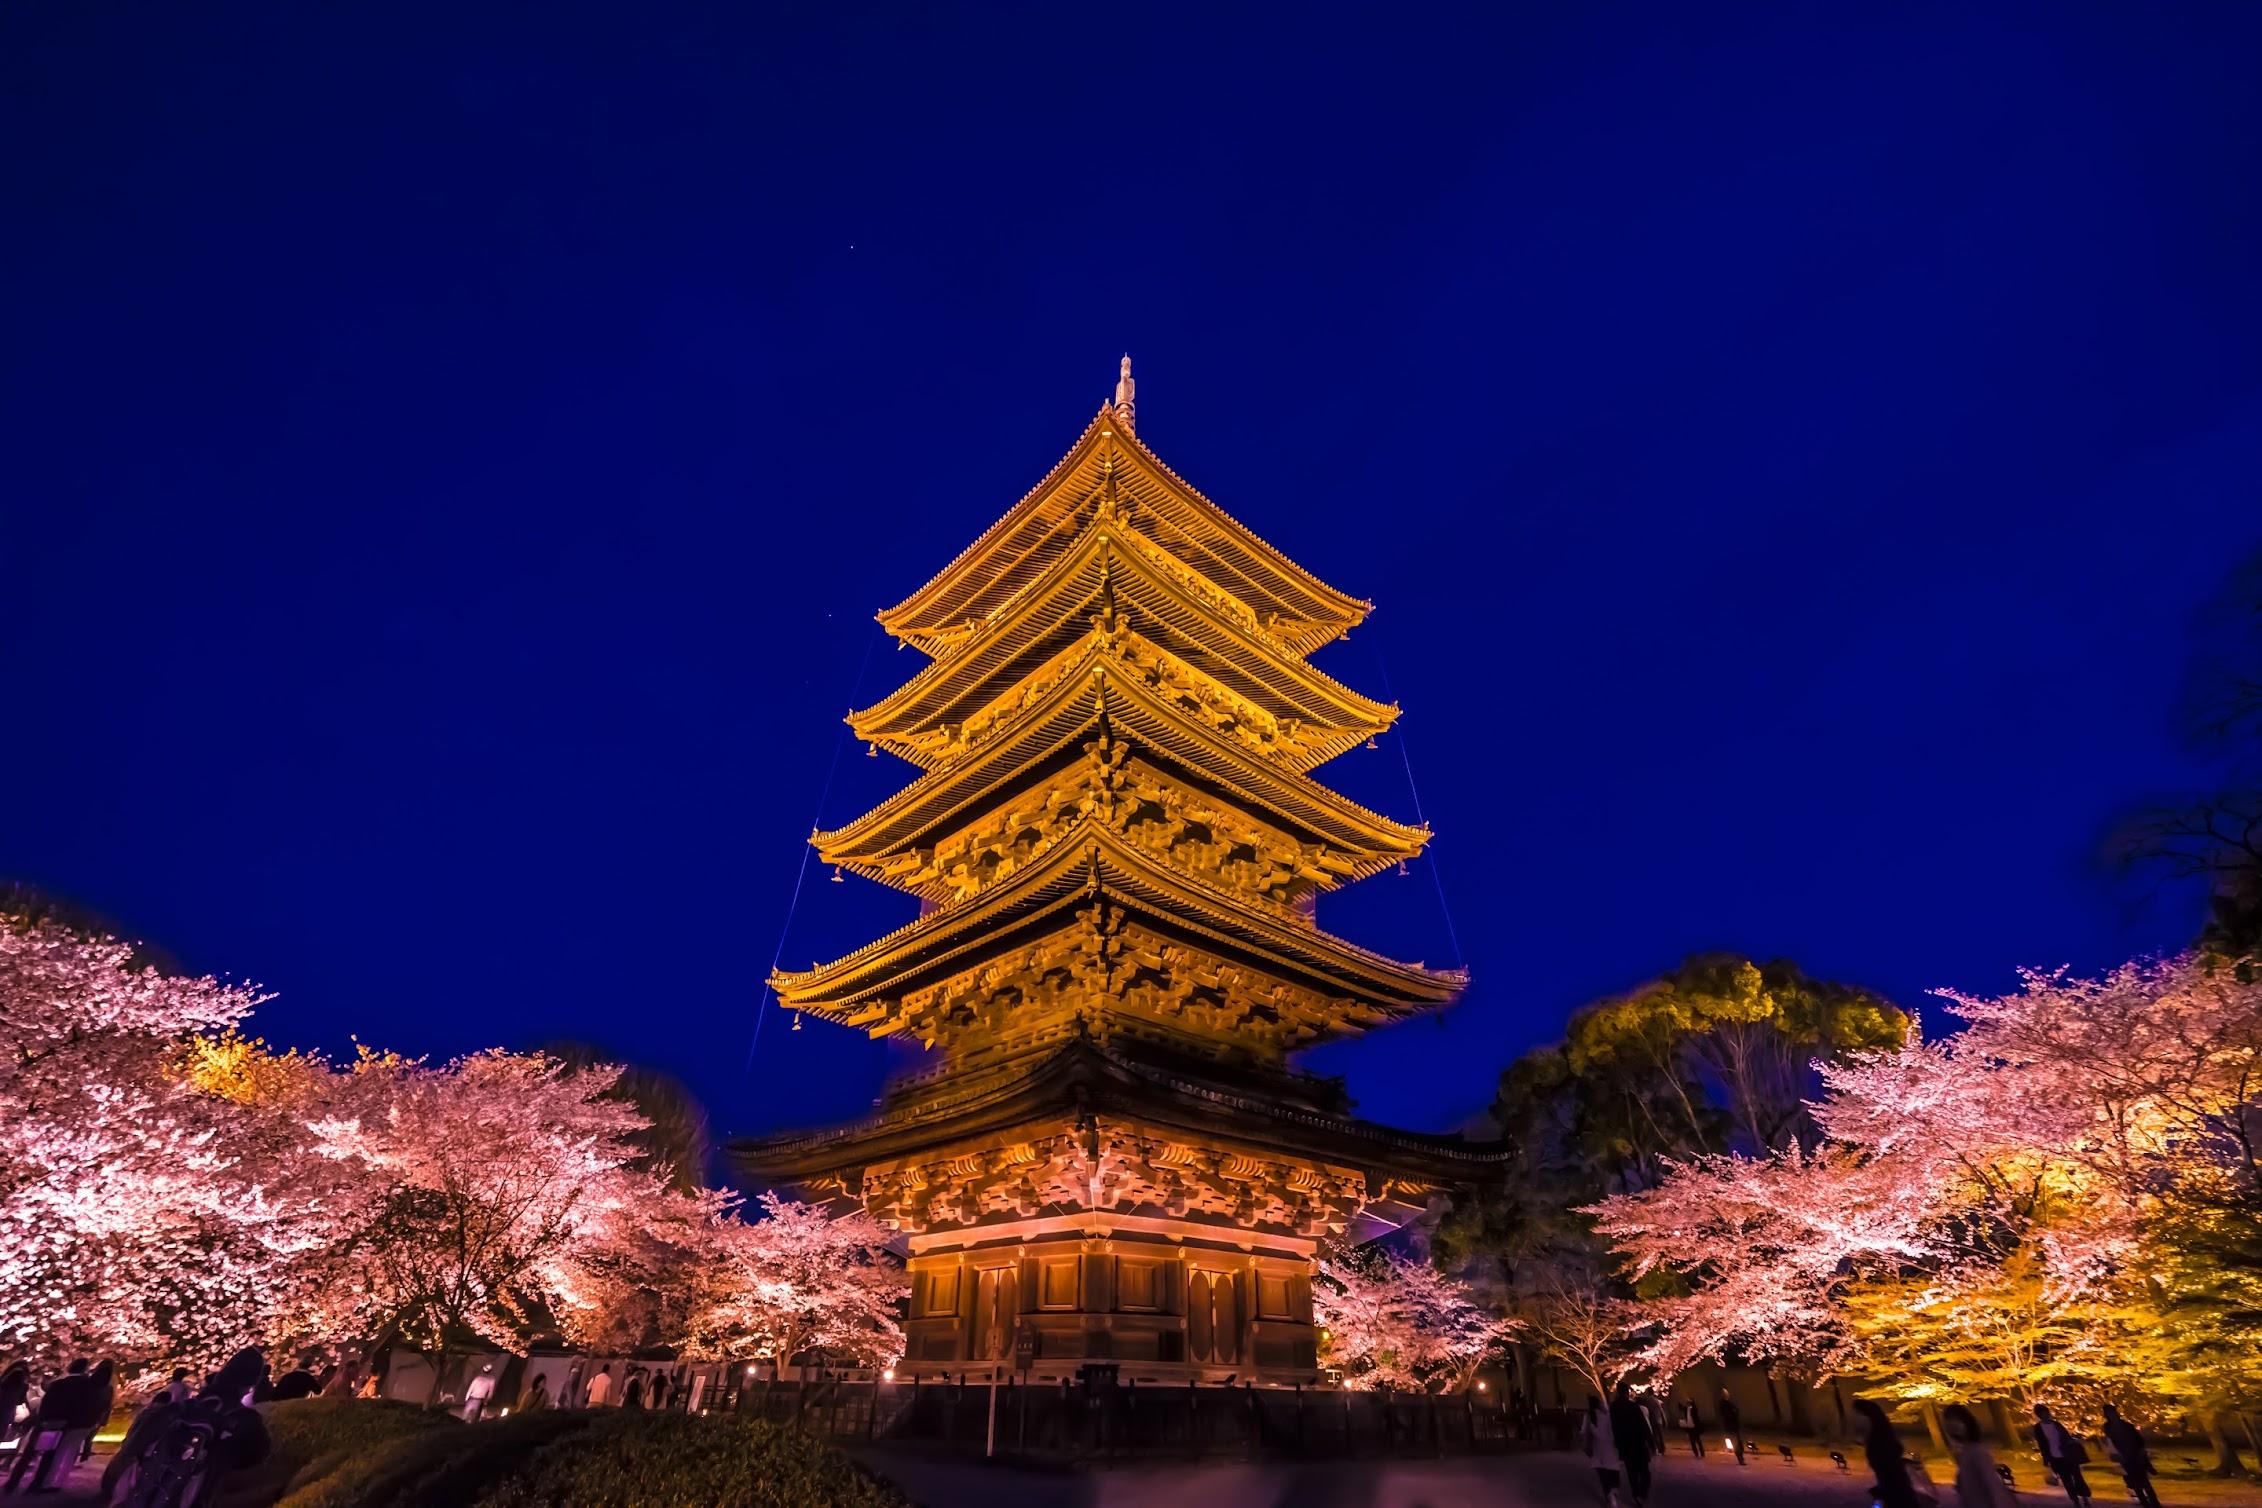 京都 東寺 桜 ライトアップ2